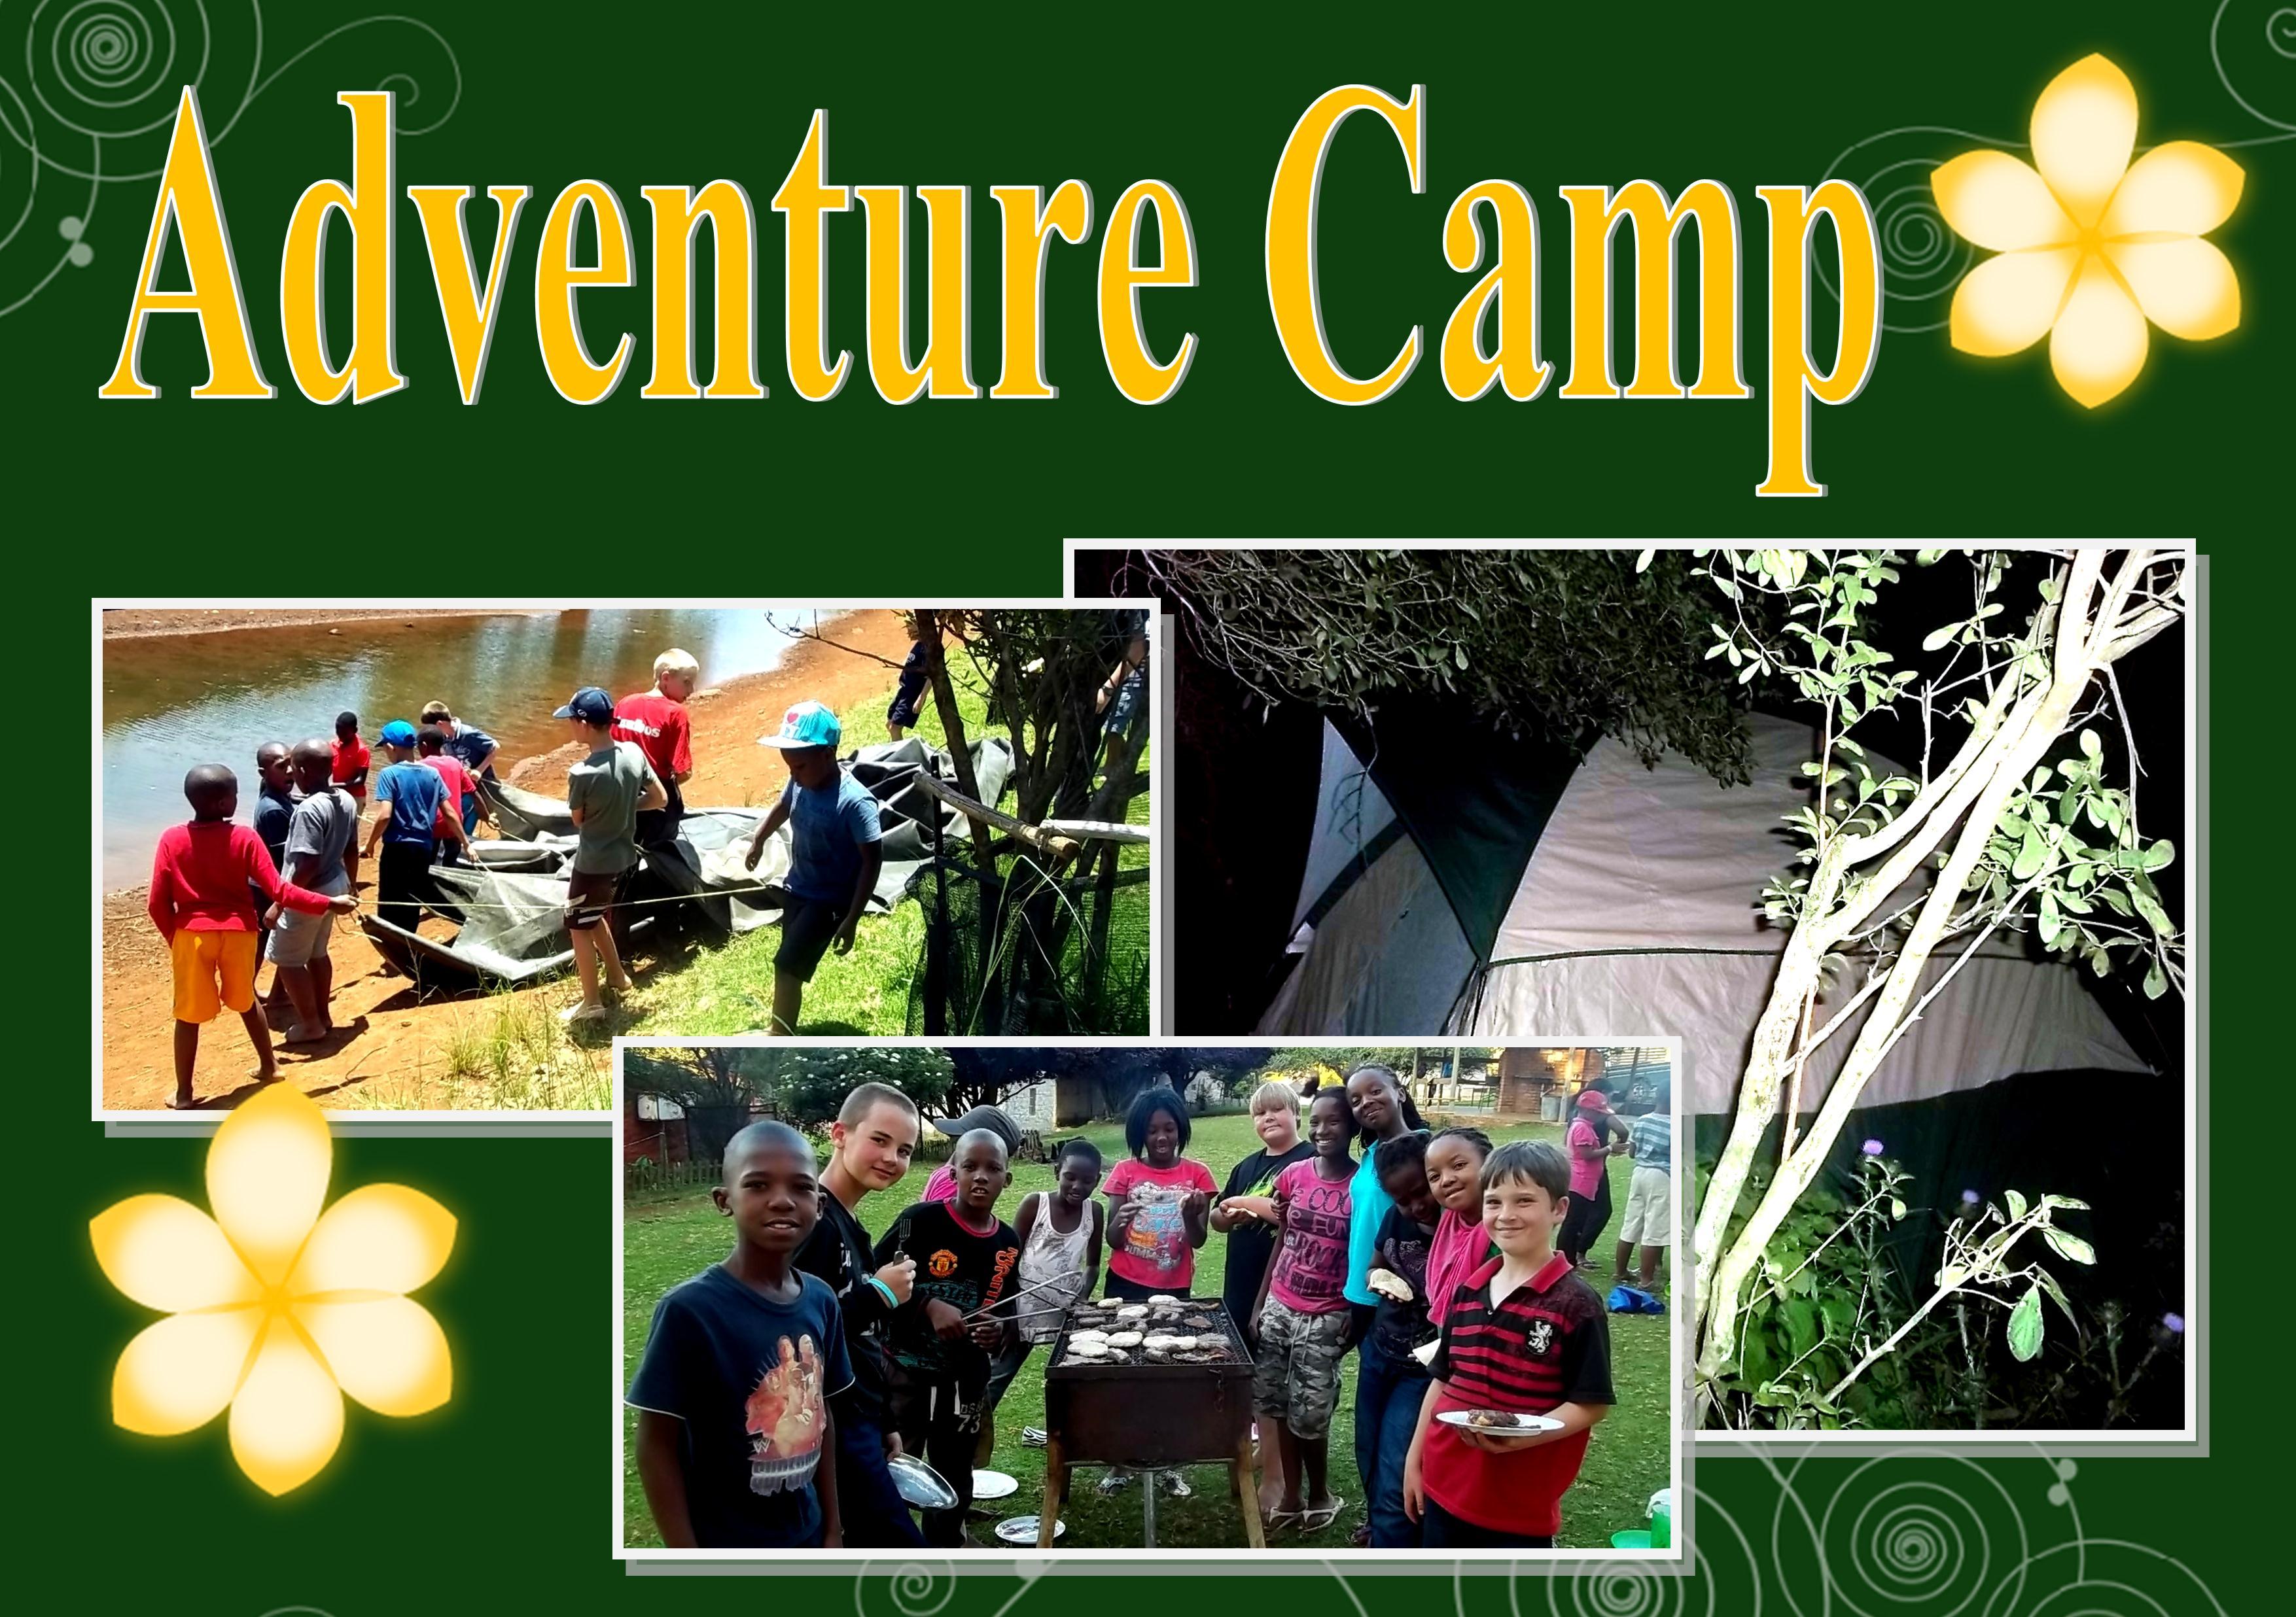 1. Adventure Camp